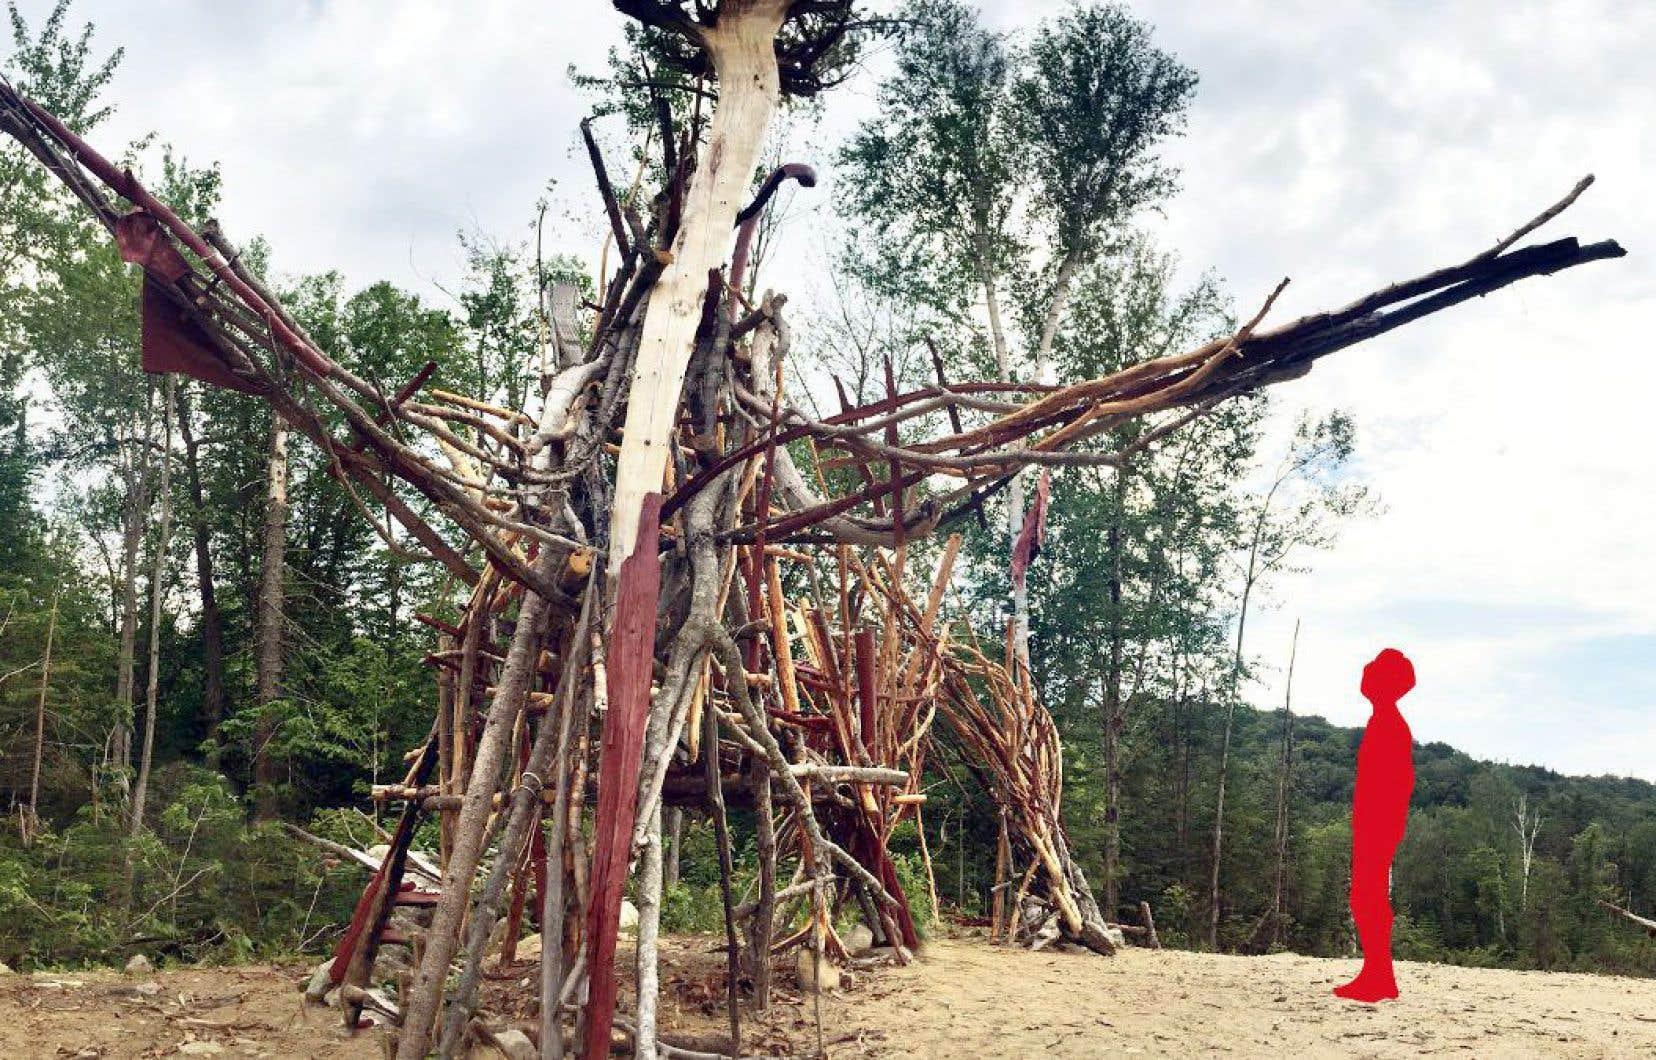 Le mammouth incarne l'appétit sans cesse grandissant des entreprises forestières pour cette matière première.